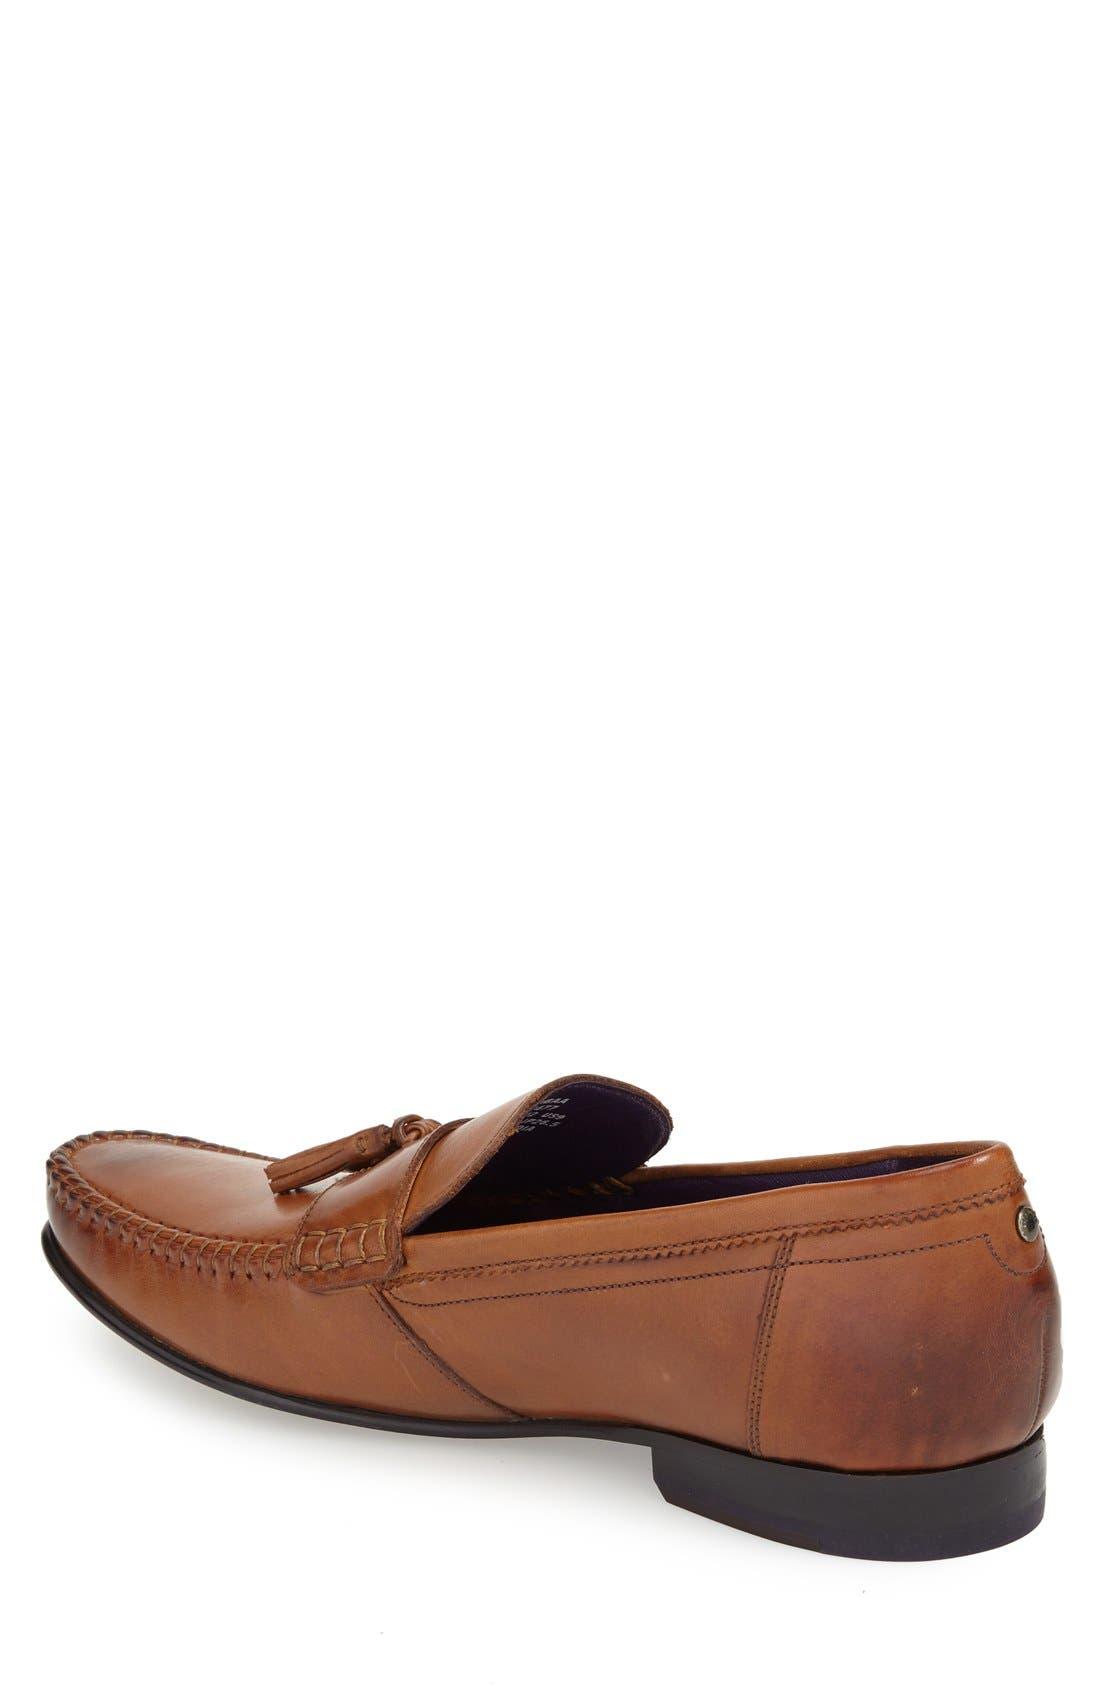 'Simbaa' Tassel Loafer,                             Alternate thumbnail 8, color,